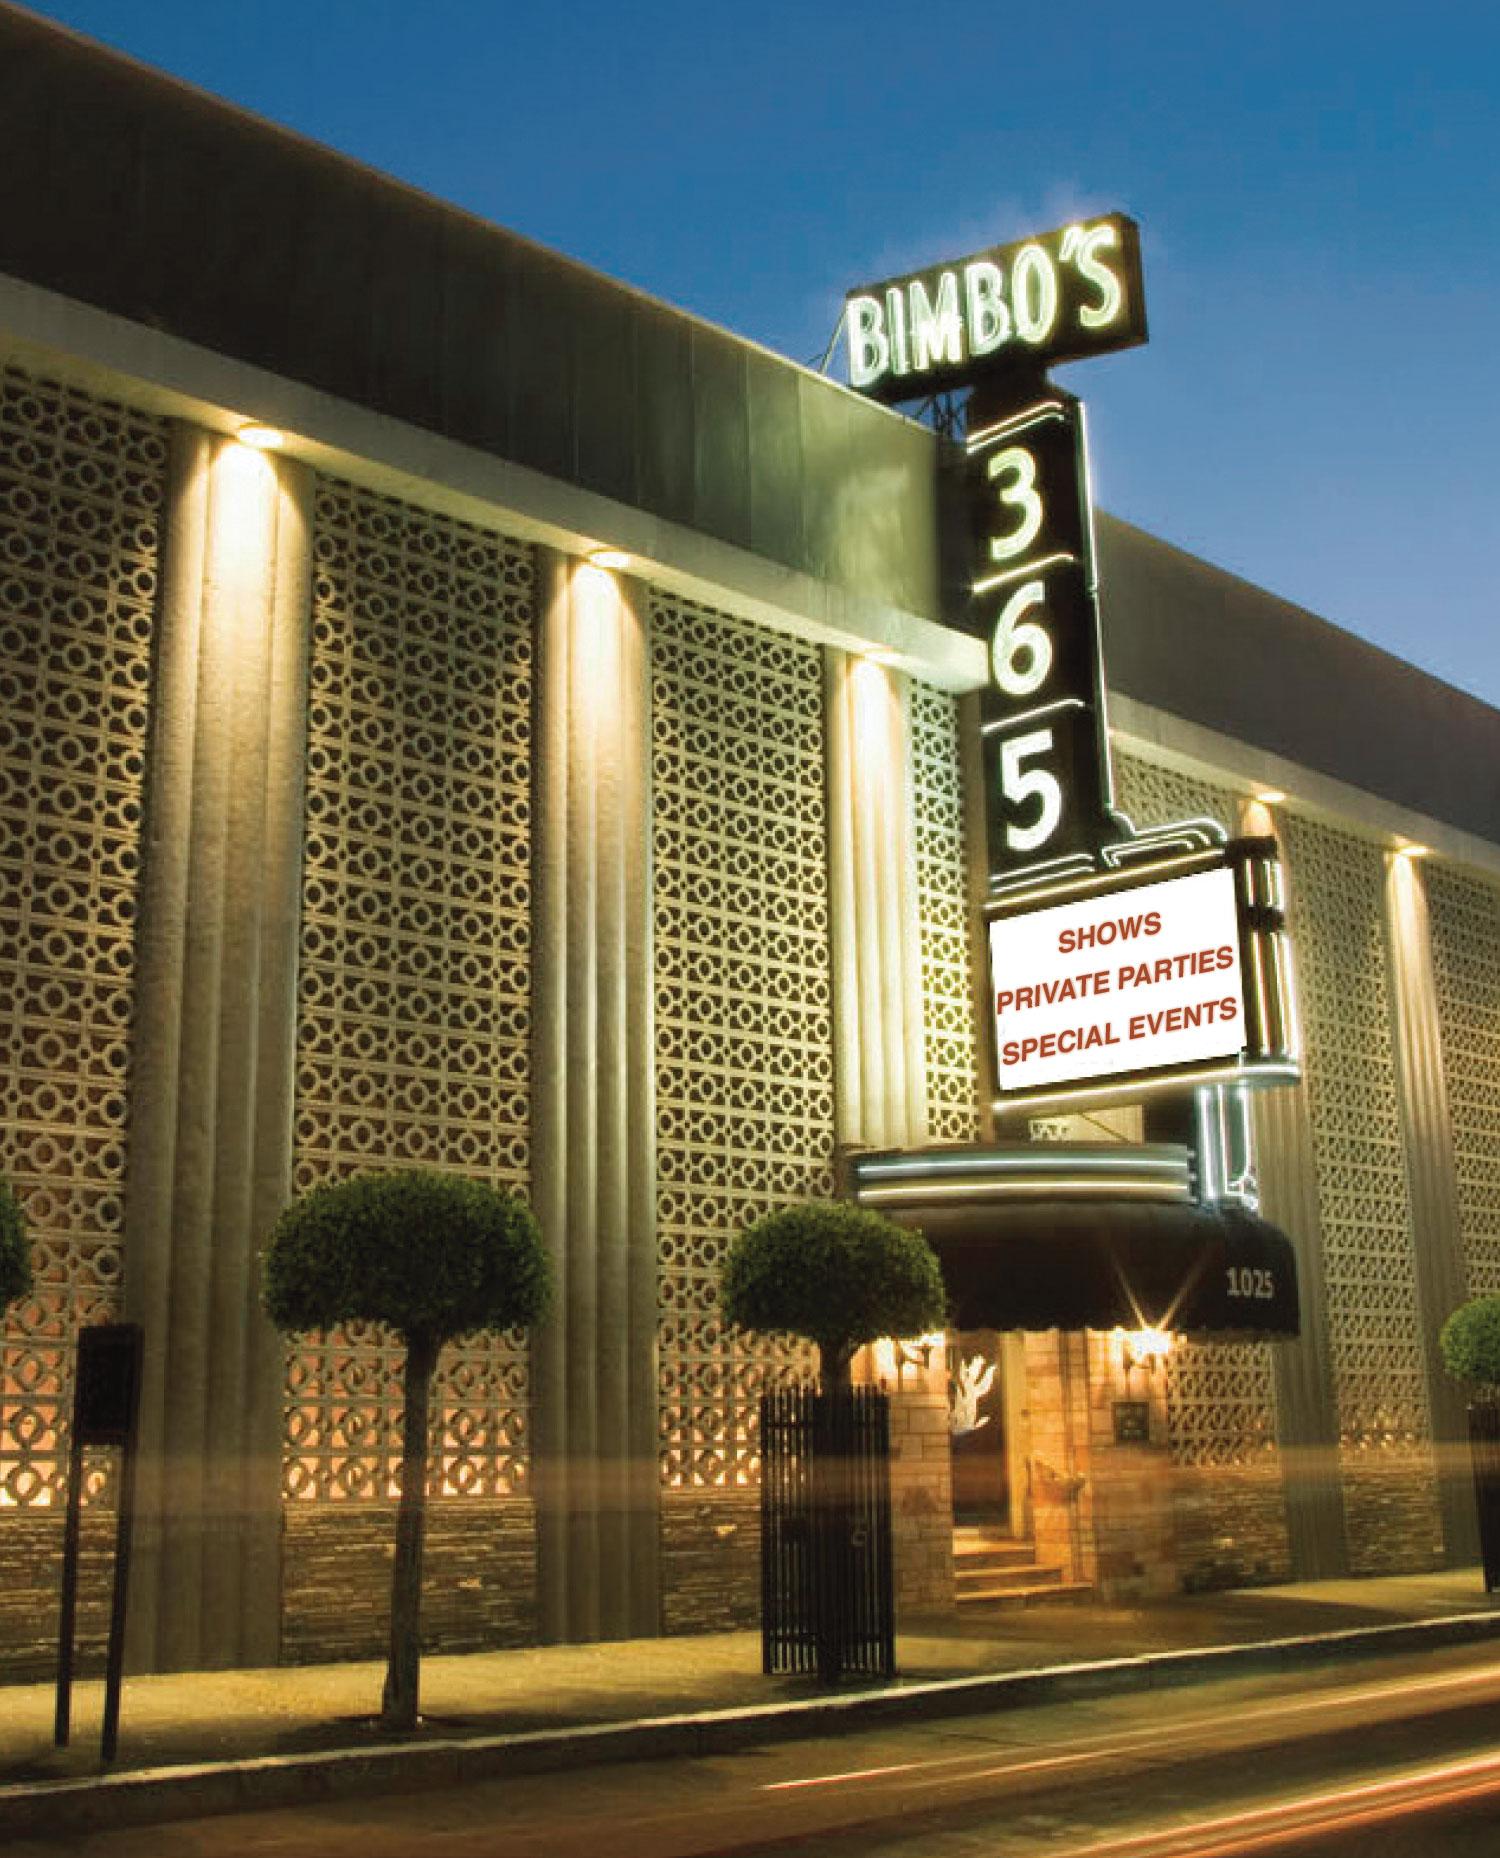 Bimbo's Exterior